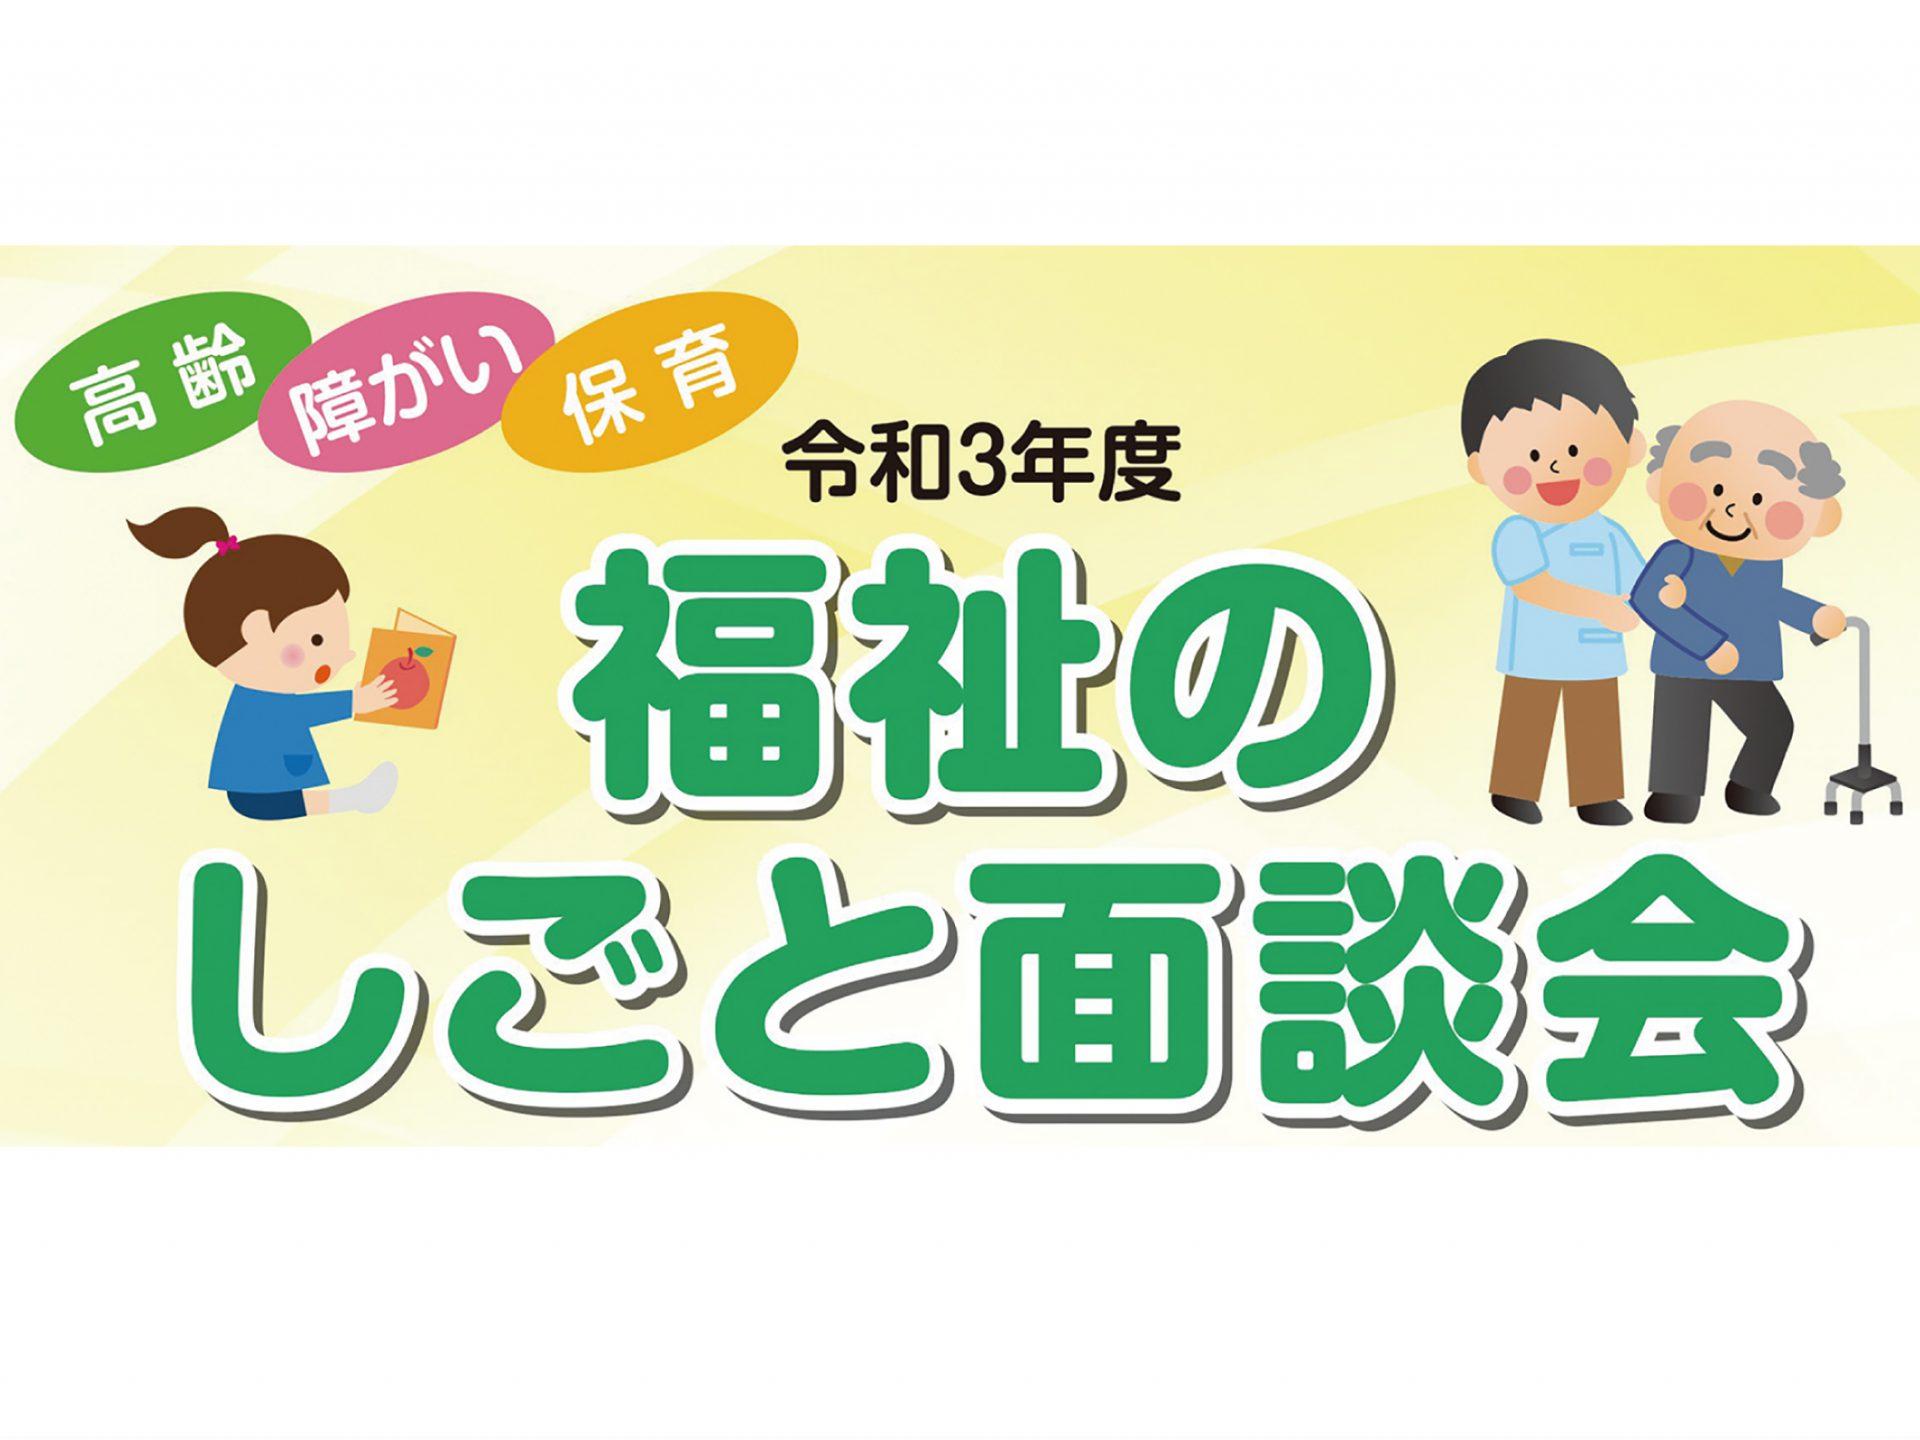 福祉の職場・仕事に関心のある方へ! 6/20㈰アエル21階で面談会開催!